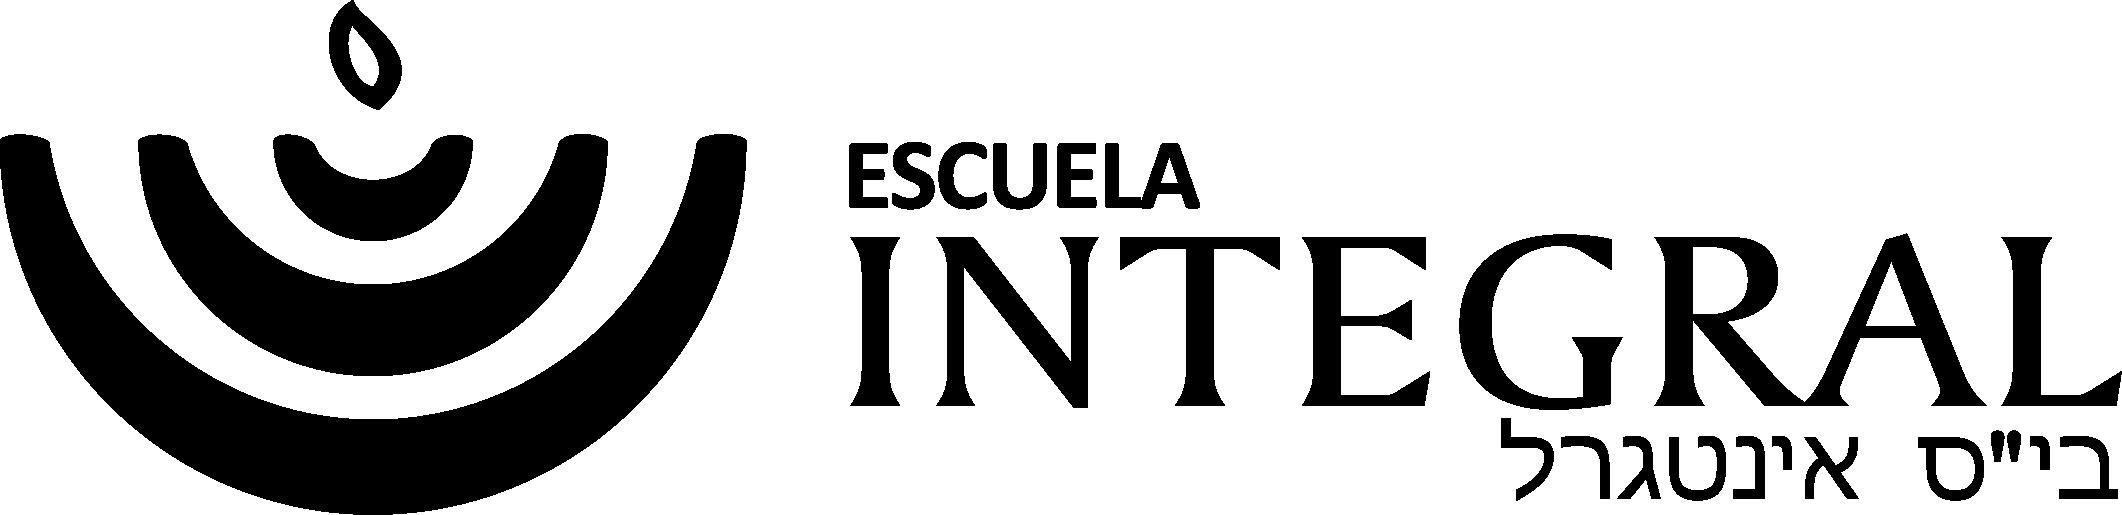 Logo_Escuela Integral_Uruguay-01